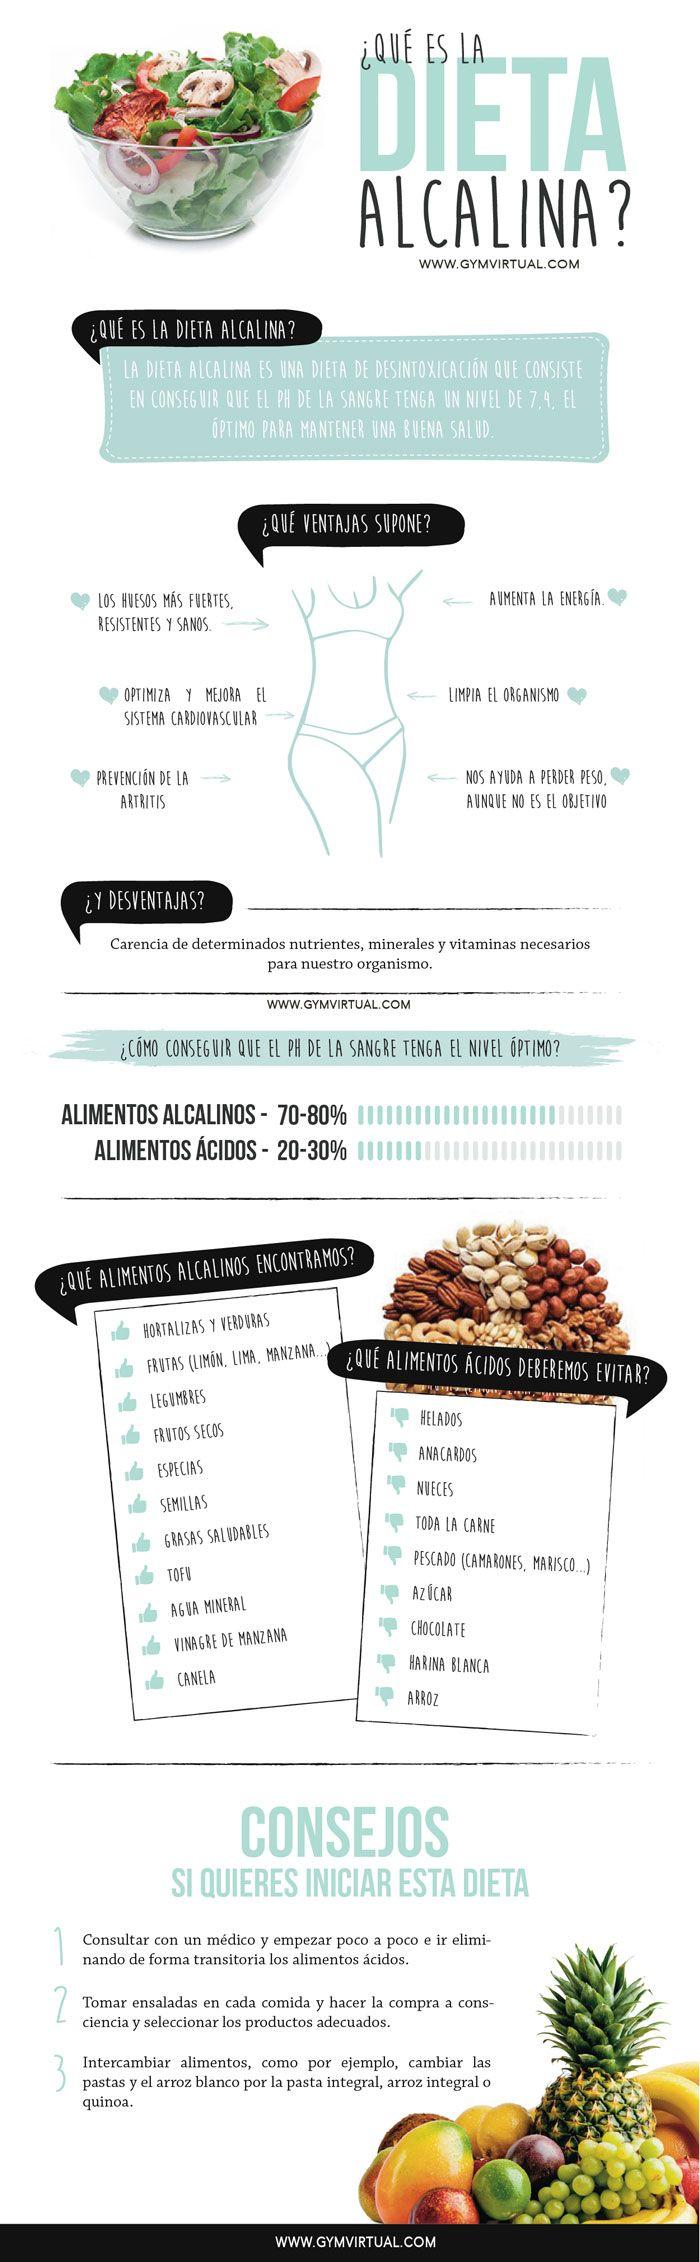 Dieta alcalina                                                                                                                                                      Más